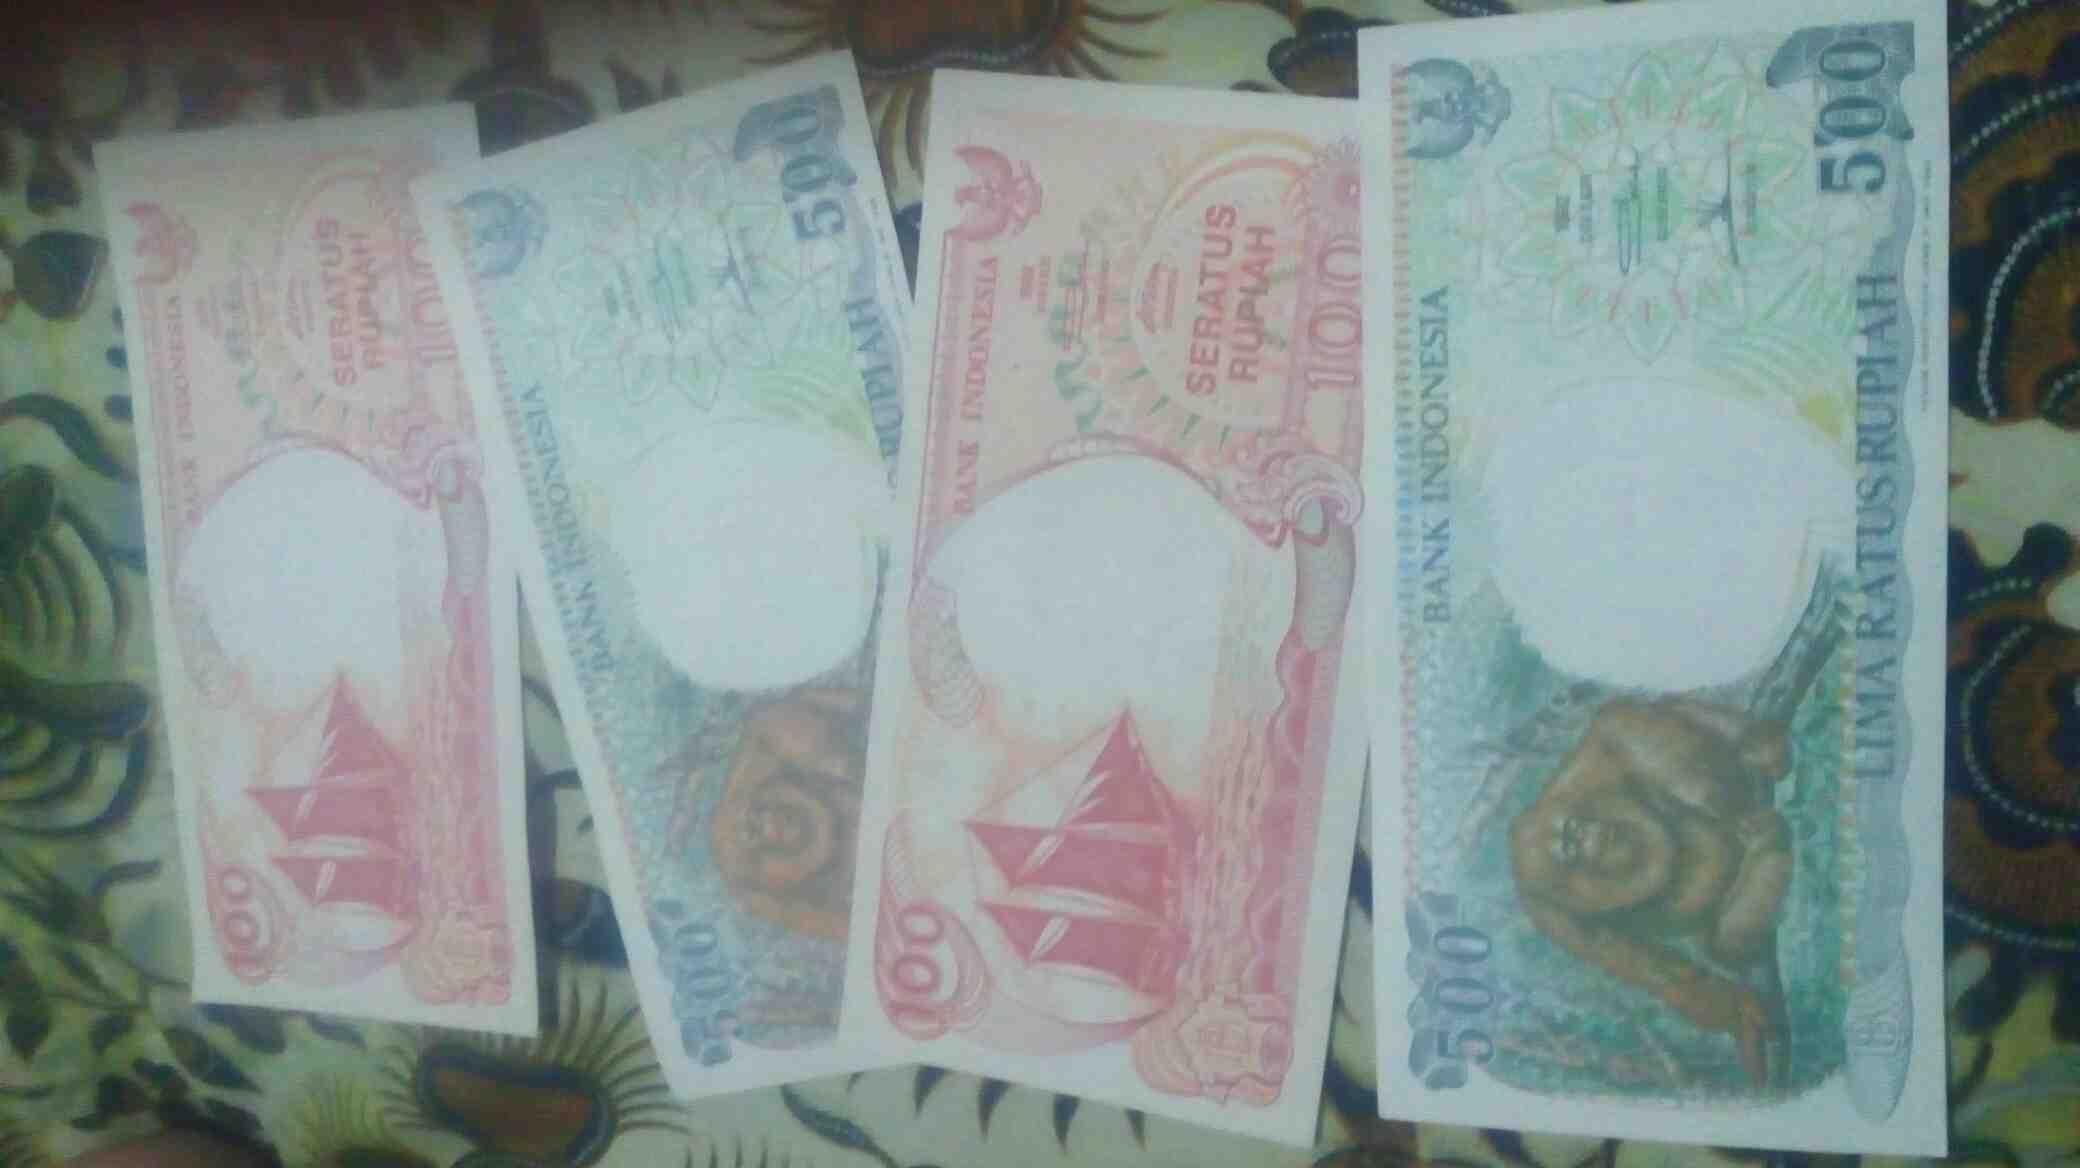 Foto: Uang Kuno Kertas 100 Rupiah dan 500 Rupiah Thun 1992